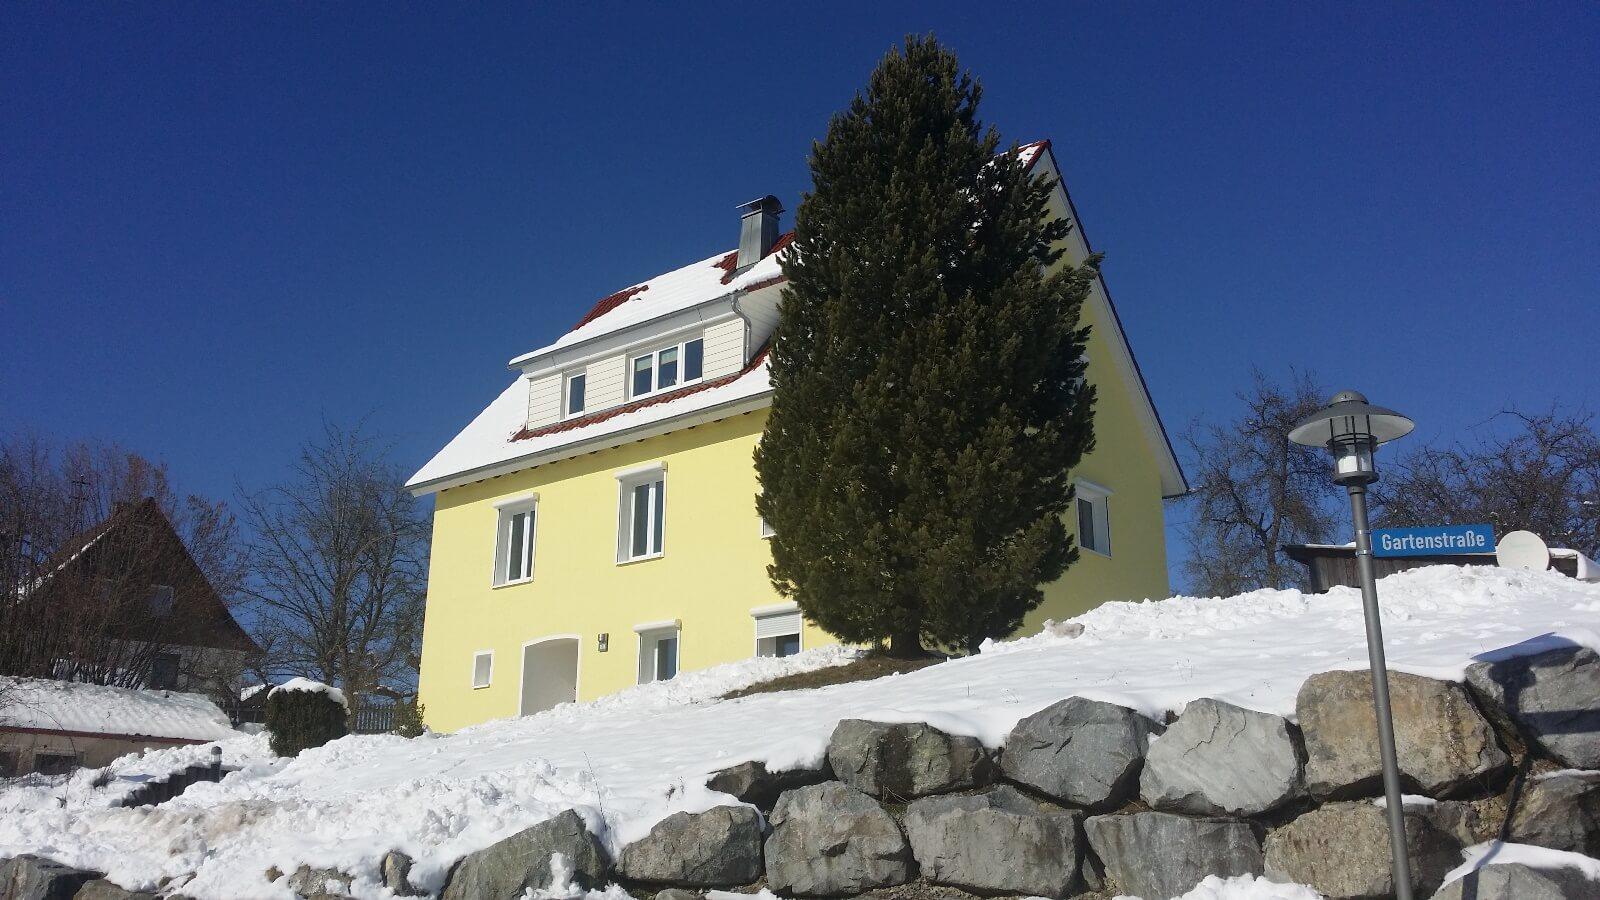 Bild des ehemaligen Polizei-Landsitzgebäudes